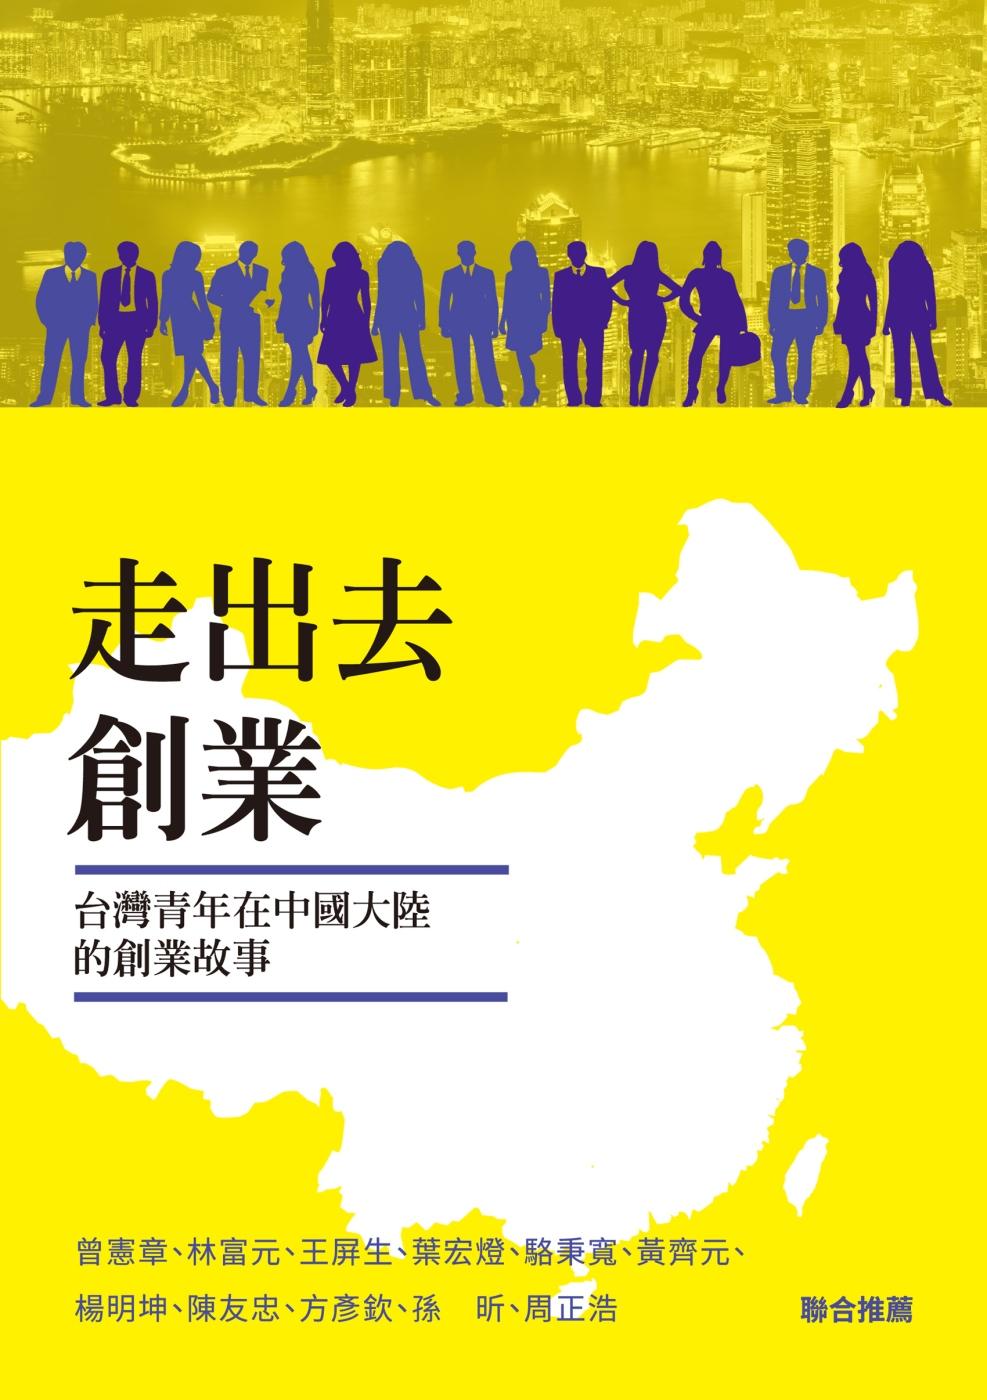 《走出去創業:臺灣青年在中國大陸的創業故事》 商品條碼,ISBN:9789869337205